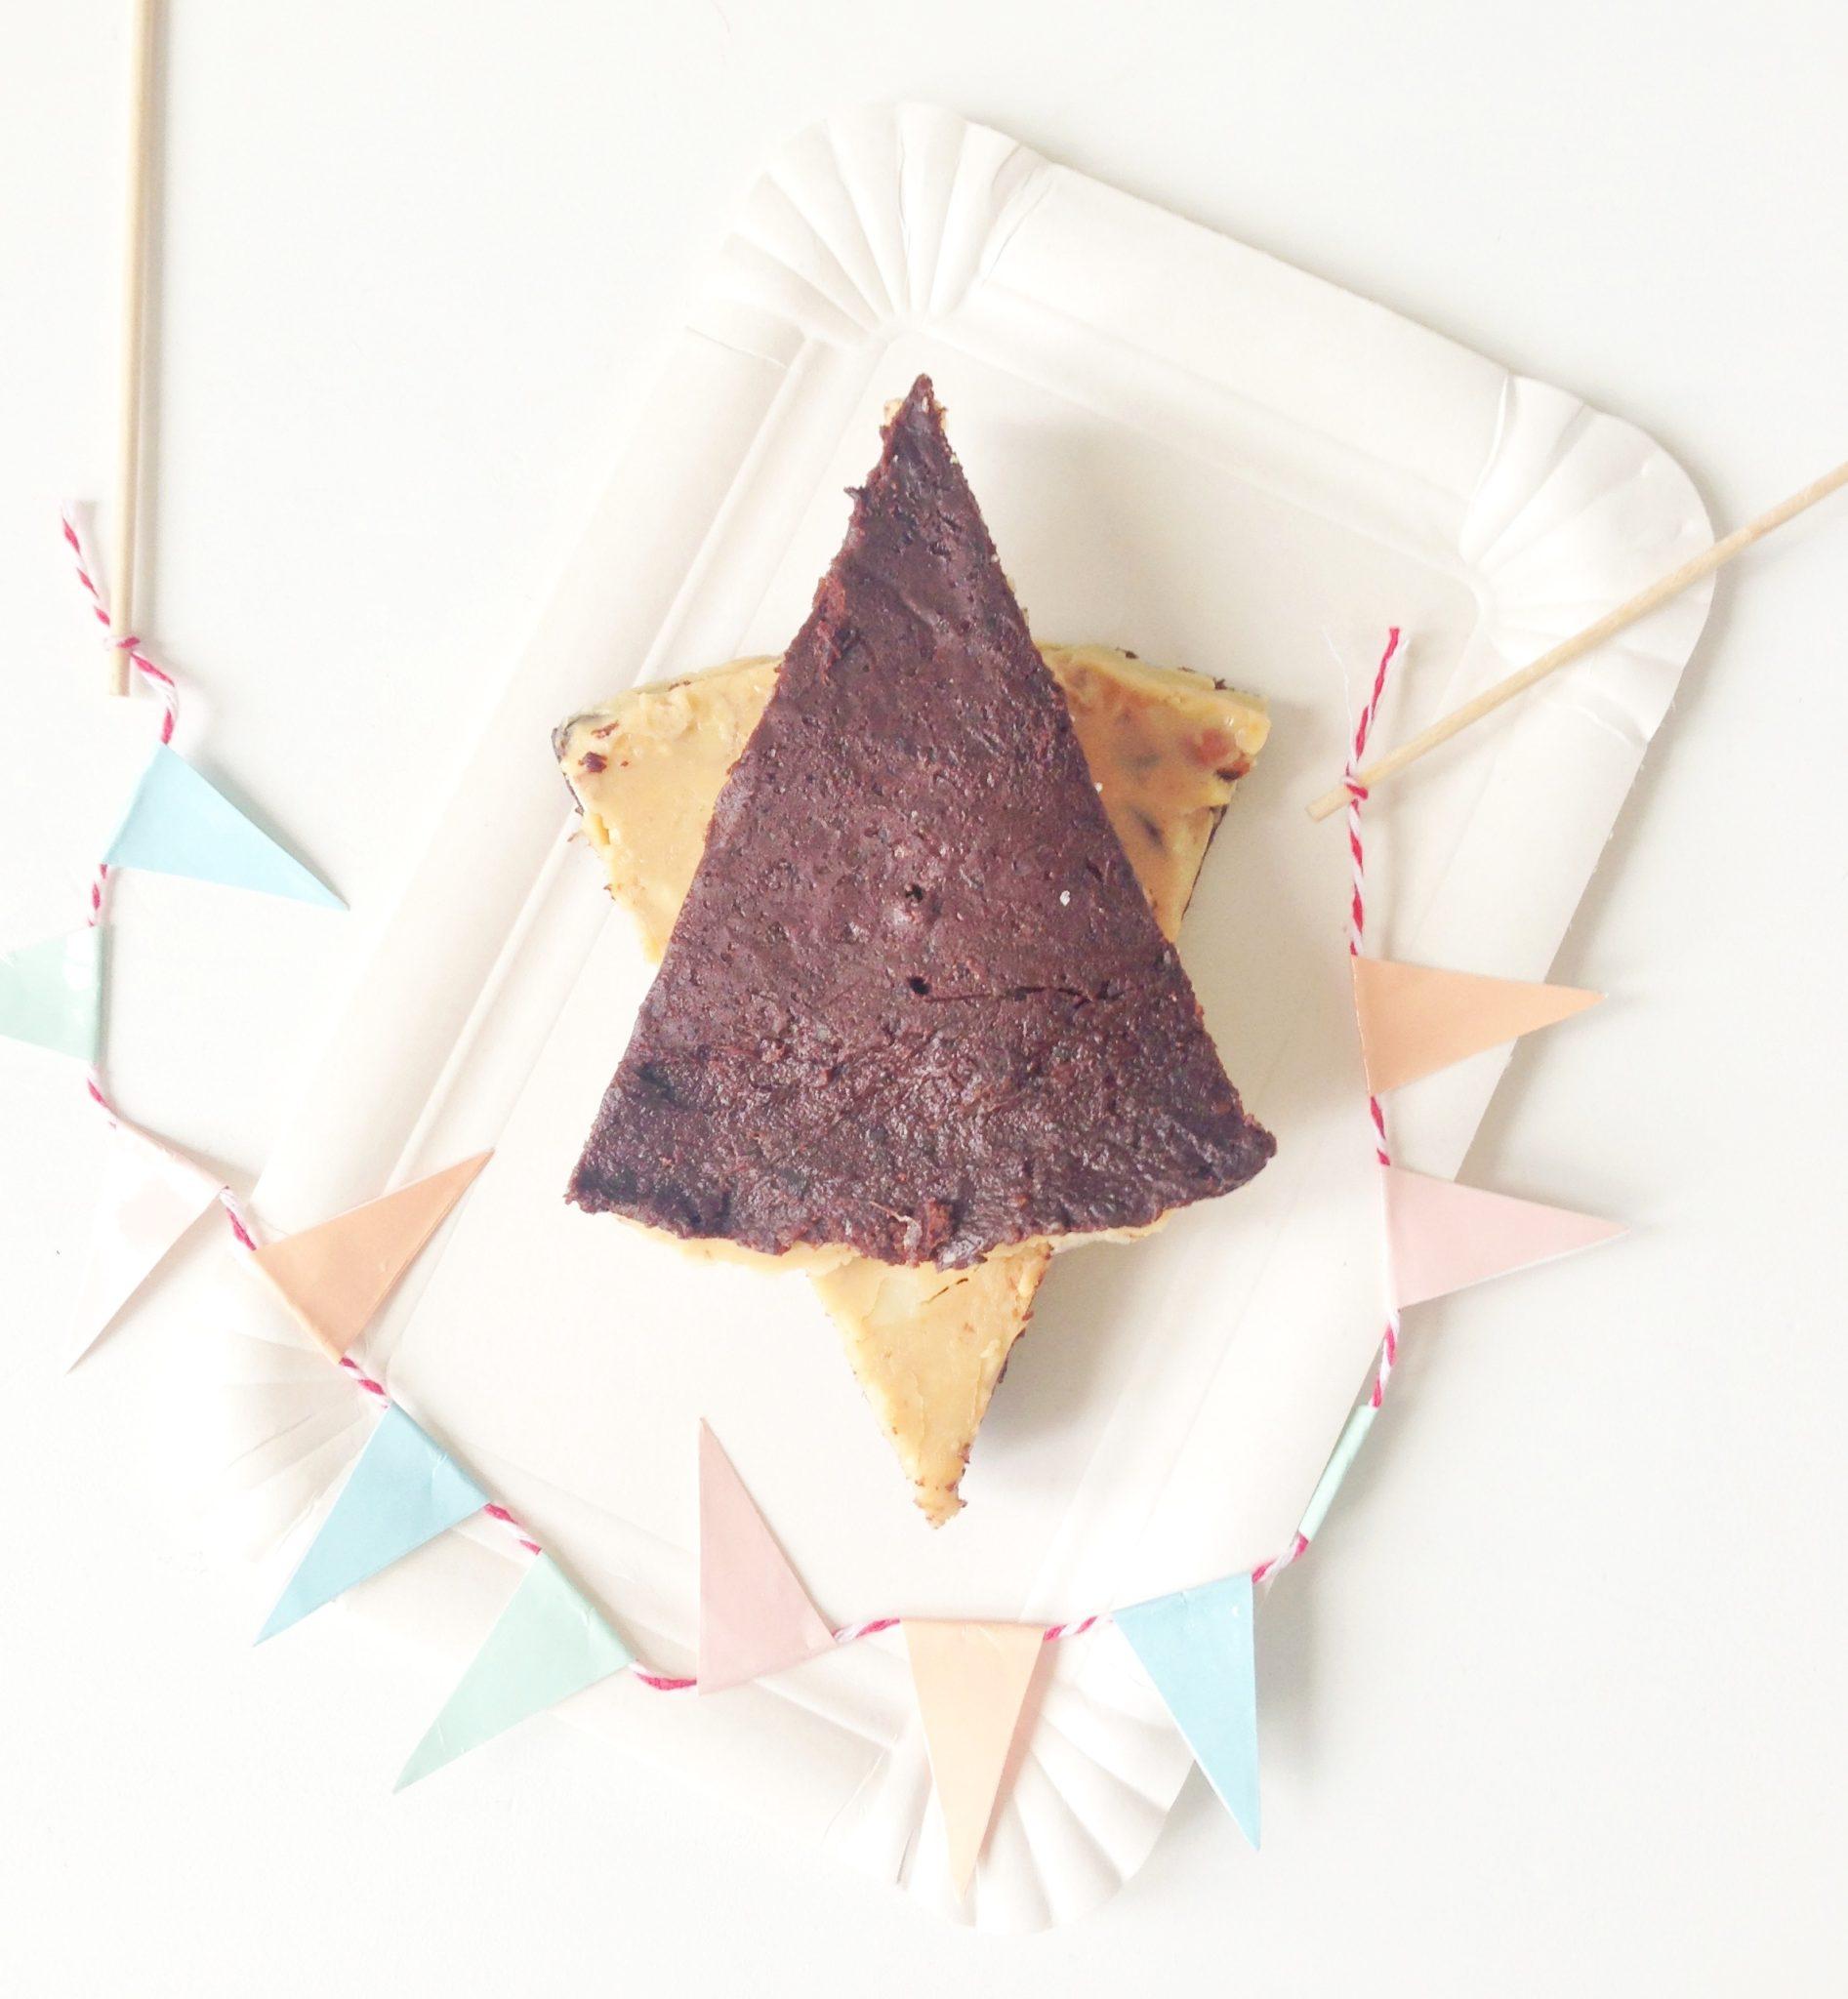 Opskrift på lækker og sund snickerskage